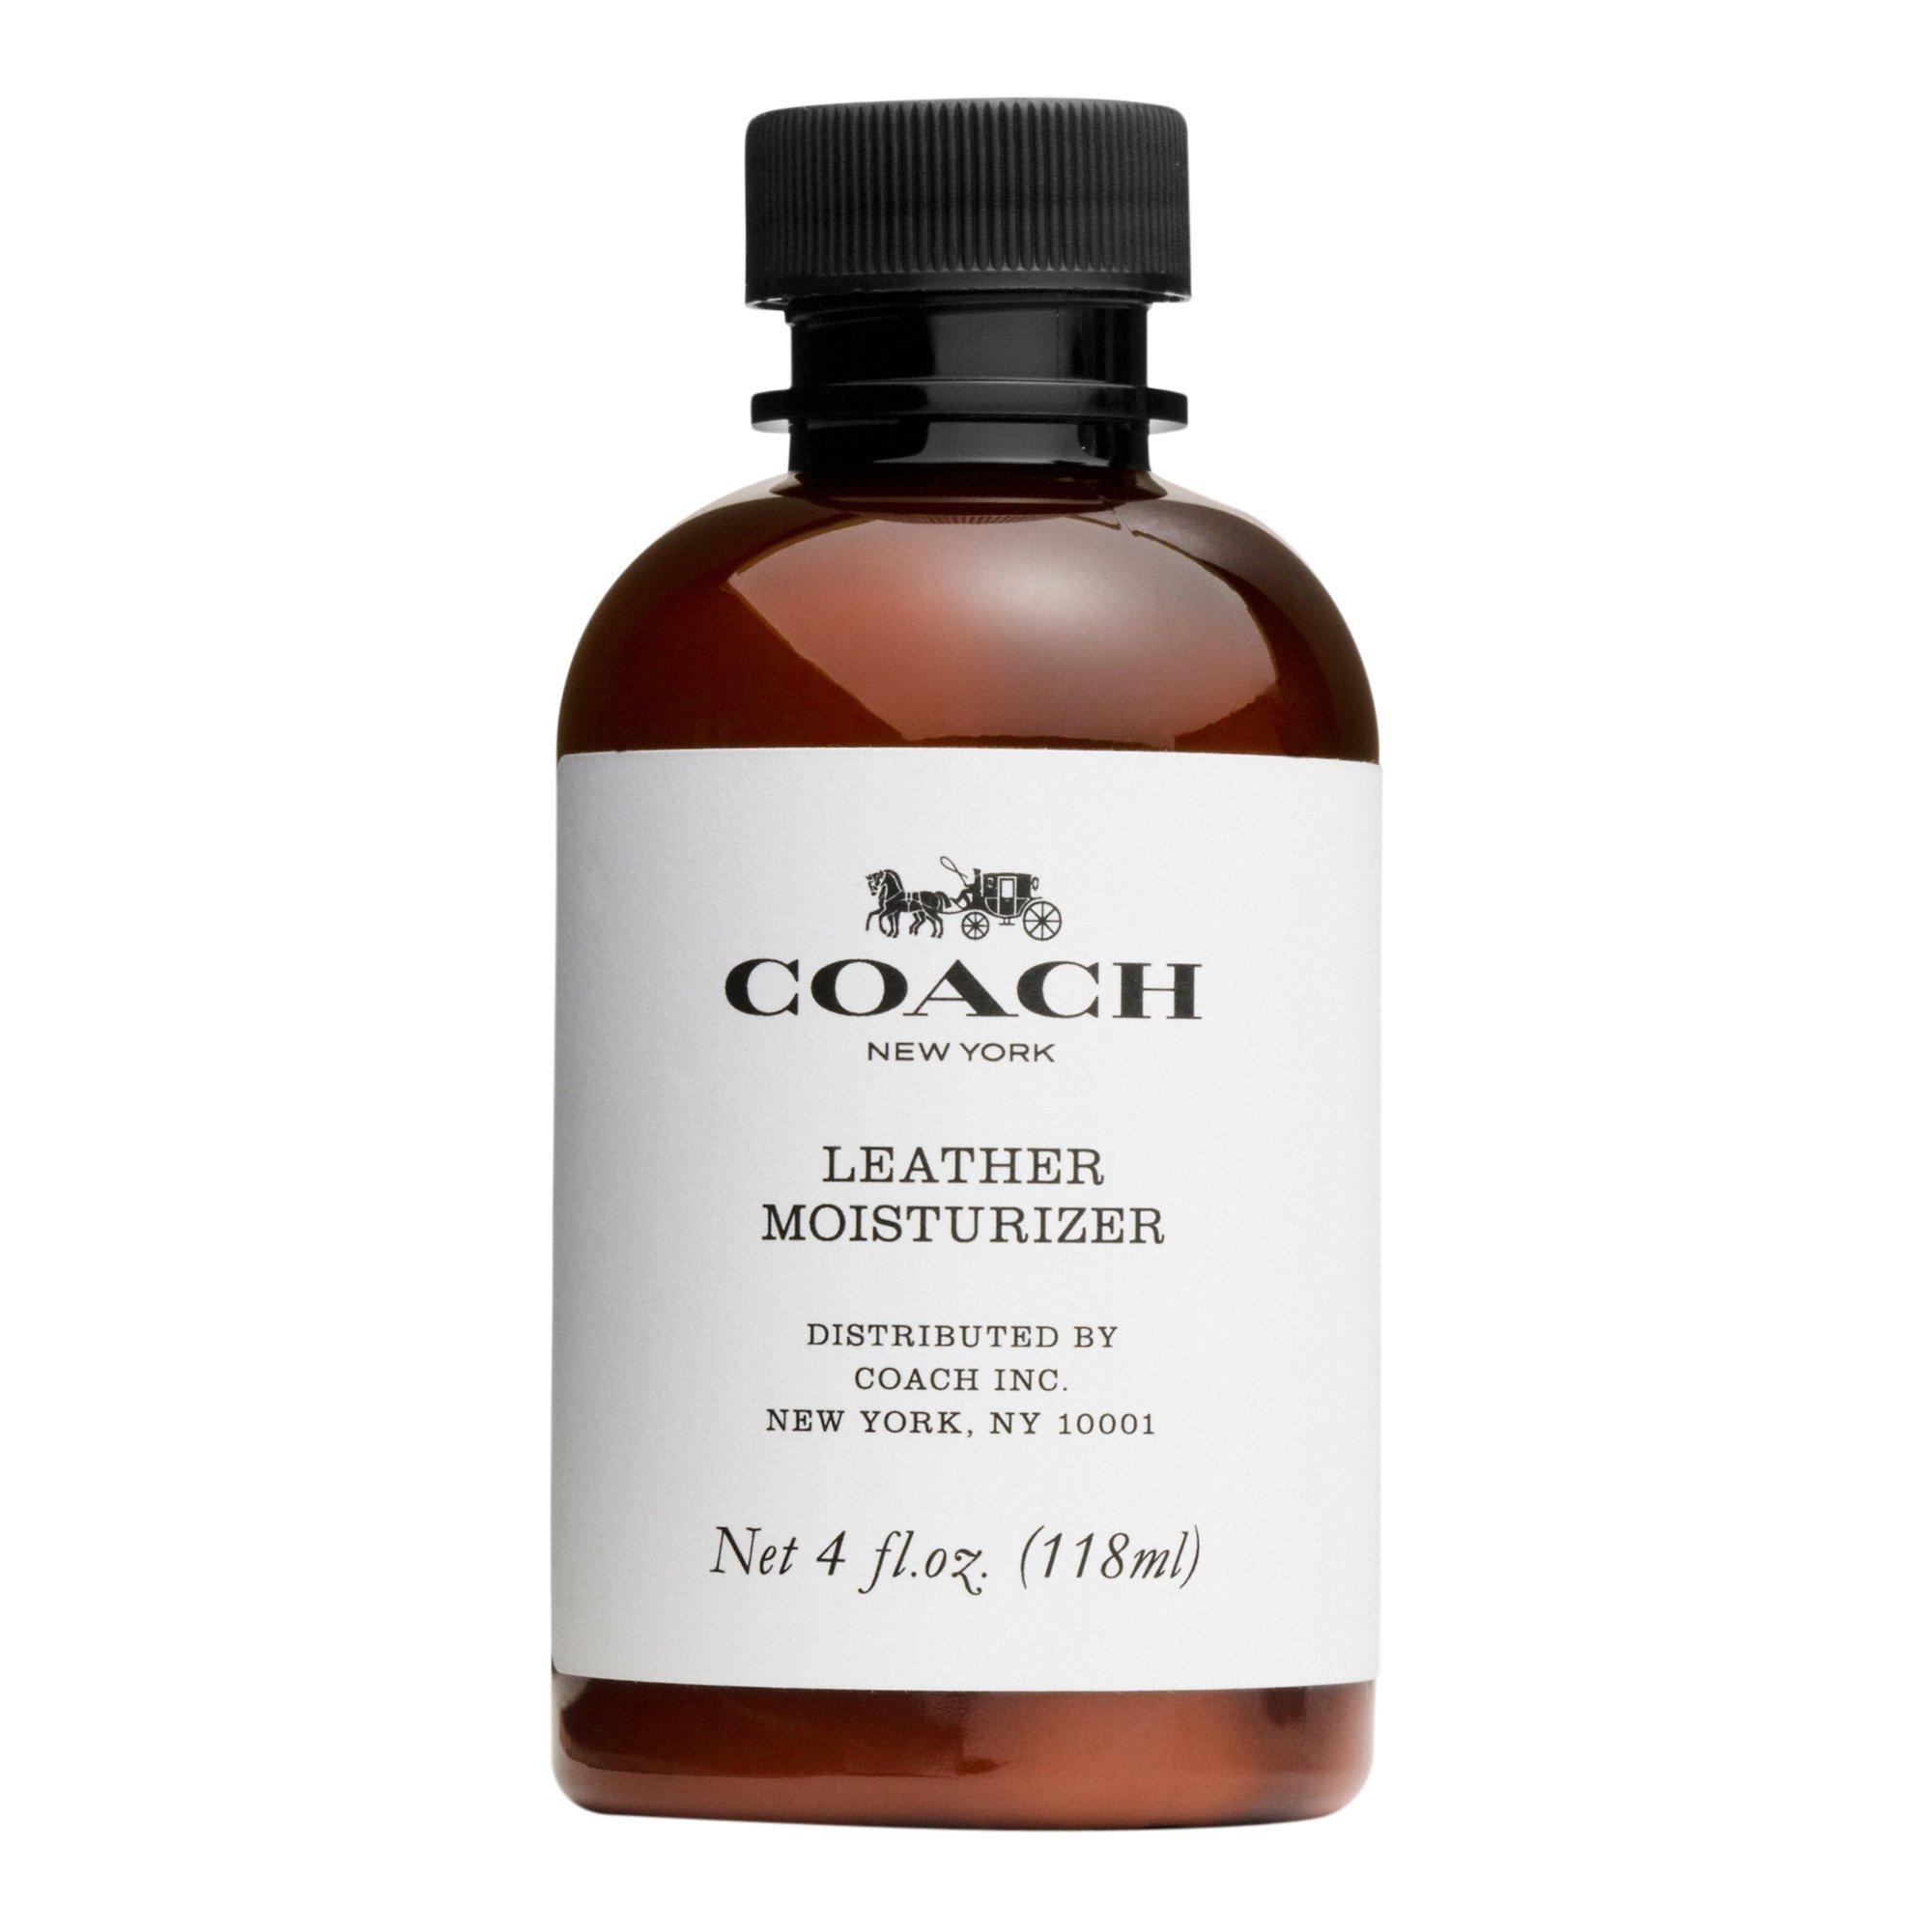 NEW COACH Leather Moisturizer 4-oz. by Coach